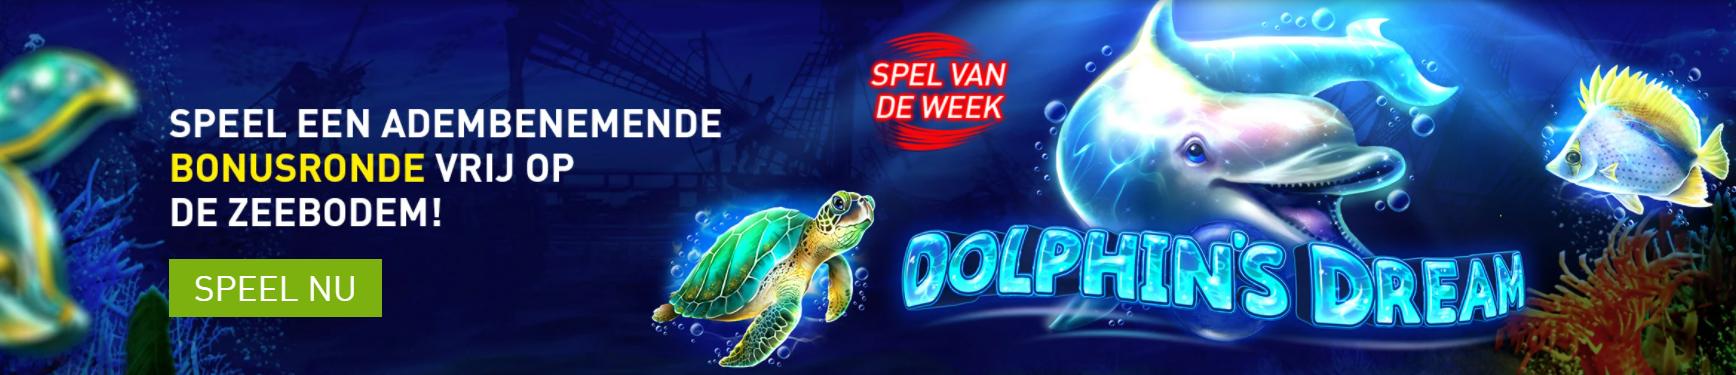 Spellen van de week Online speelhal Casino 777 Napoleon Circus GoldenVegas 2021